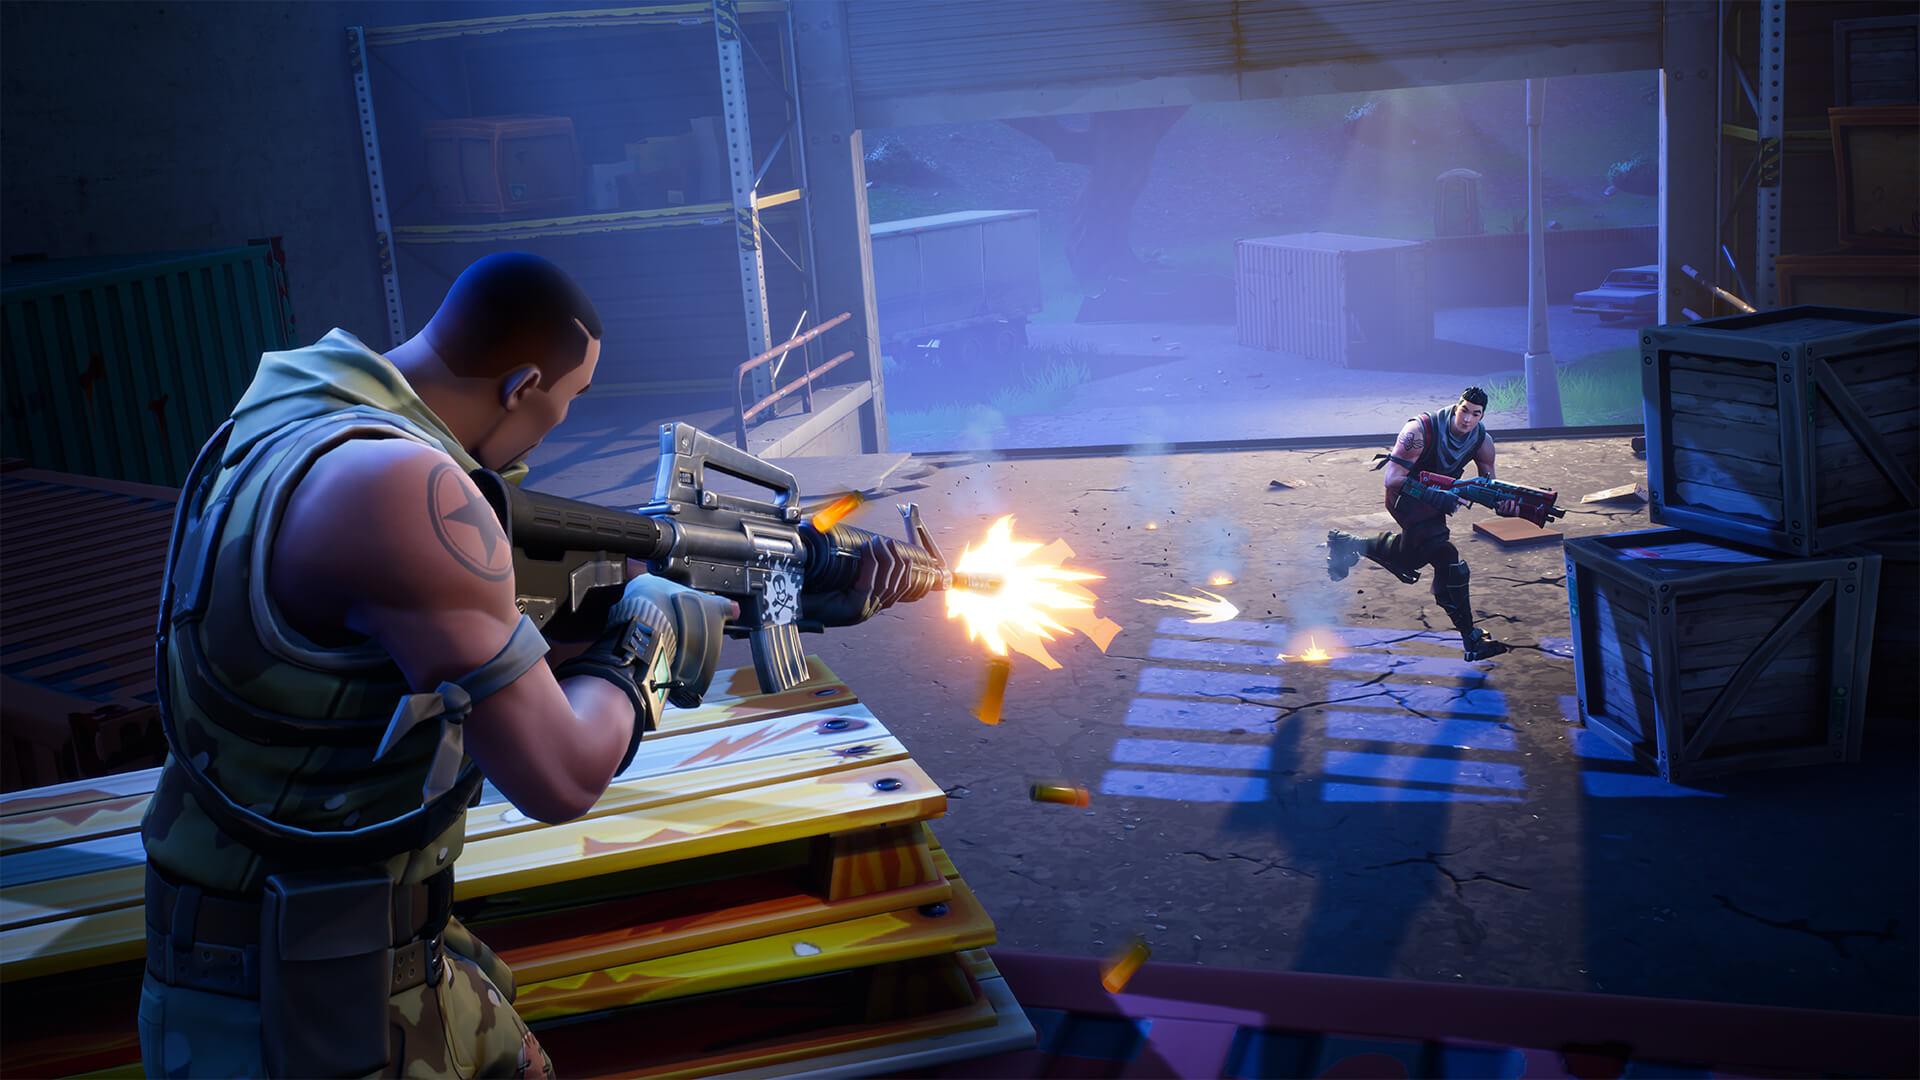 El tremendo negocio de Epic Games con Fortnite: cuánto facturó en 2018